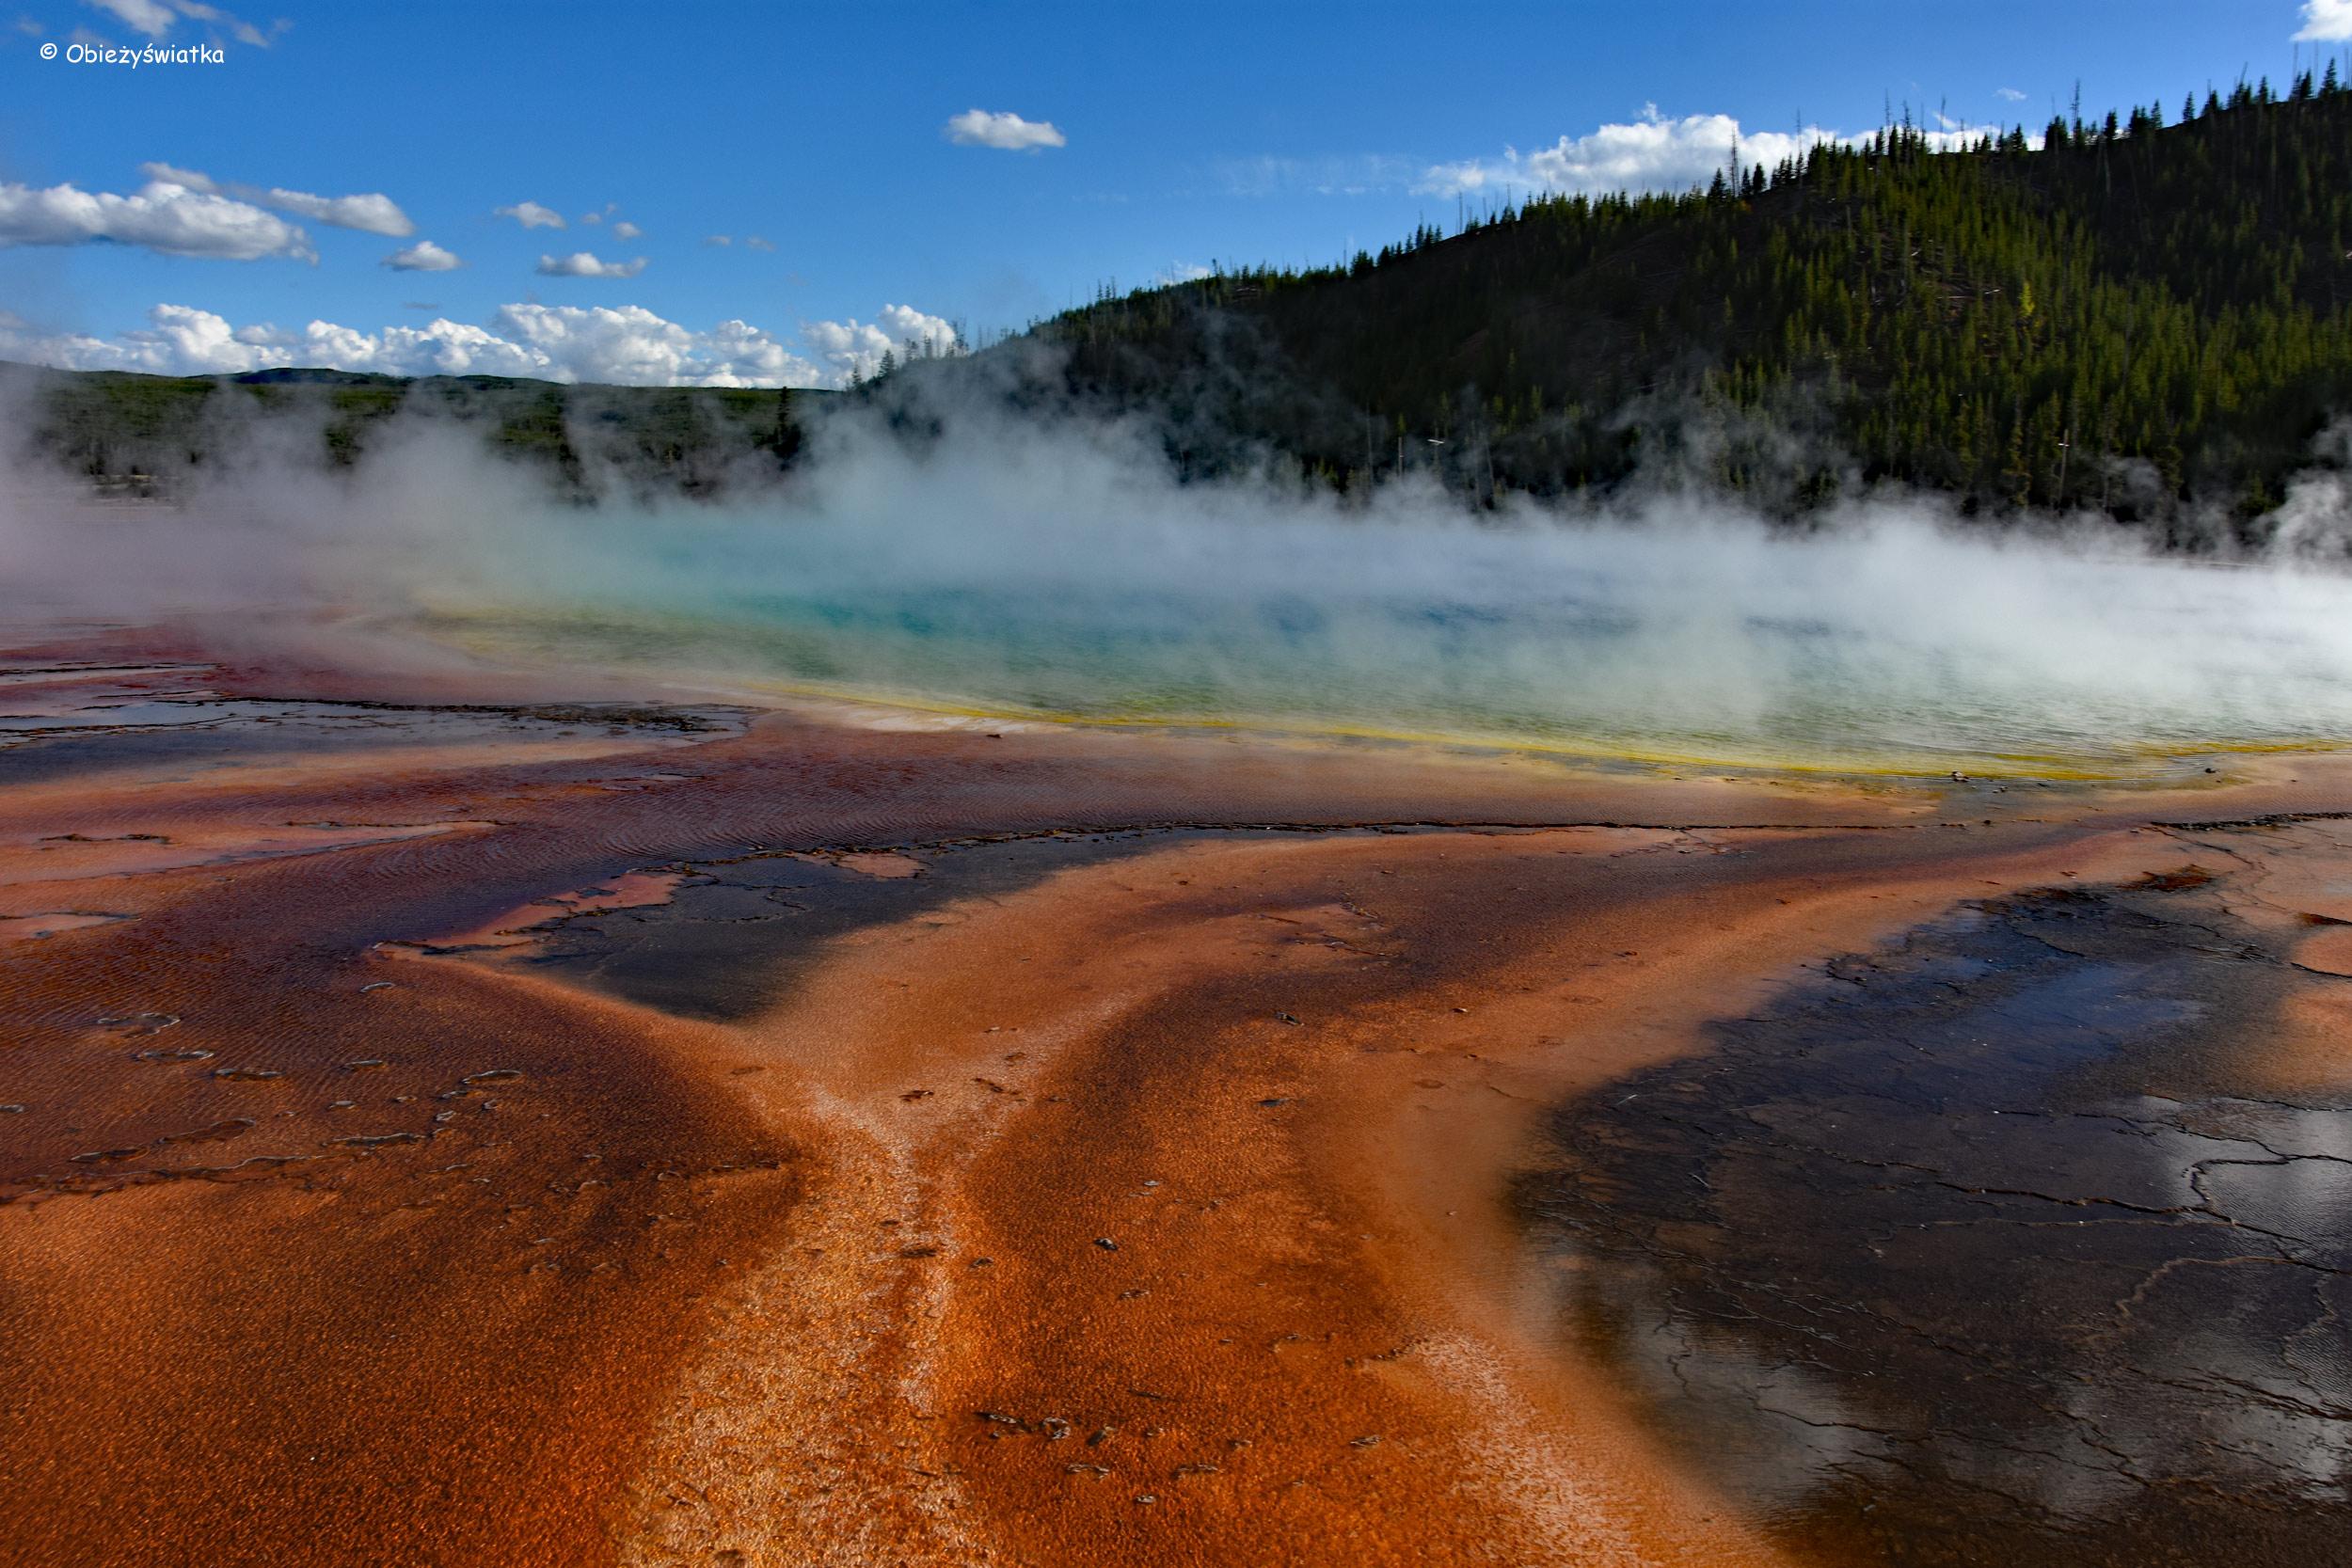 Światło, kolory, para wodna, Grand Prismatic Spring w Parku Narodowym Yellowstone